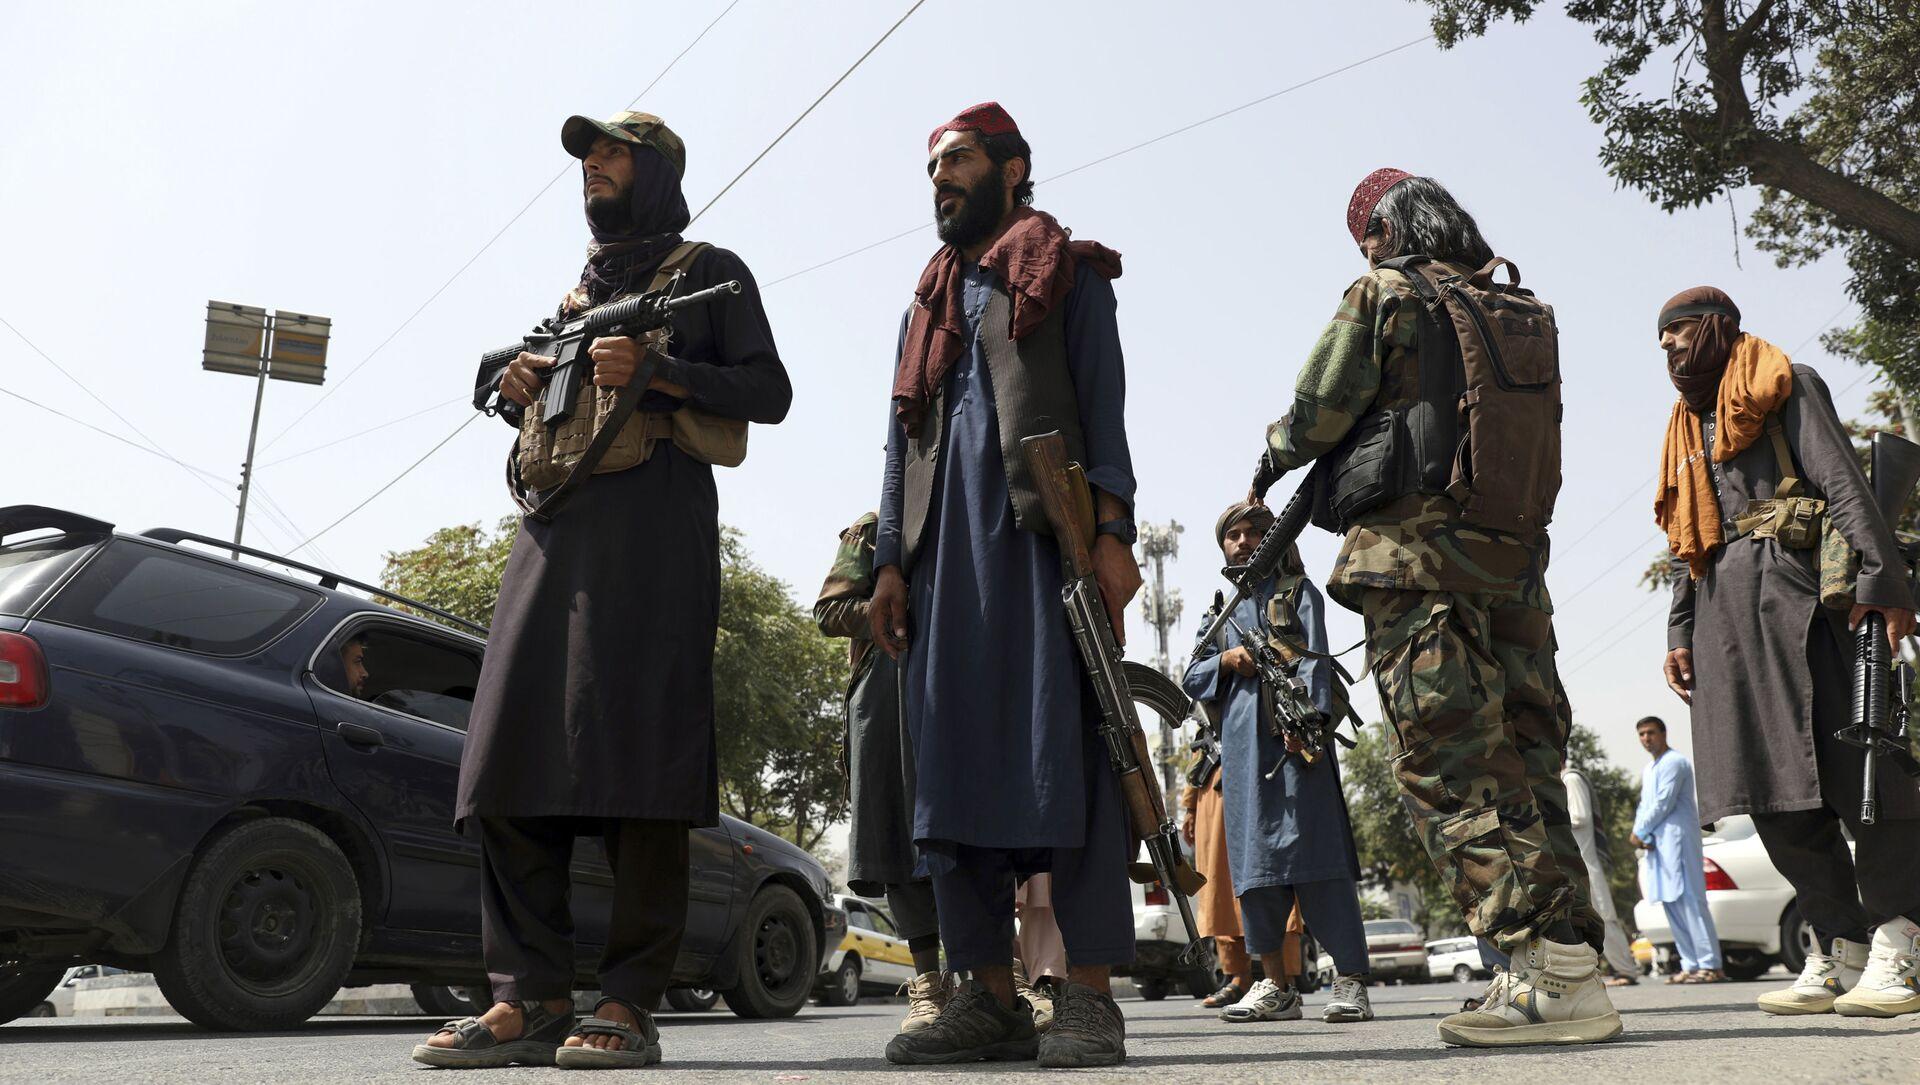 Боевики движения Талибан (террористическая группировка, запрещеннфая в РФ) в Кабуле, 18 авгутса 2021 года - Sputnik Азербайджан, 1920, 21.08.2021